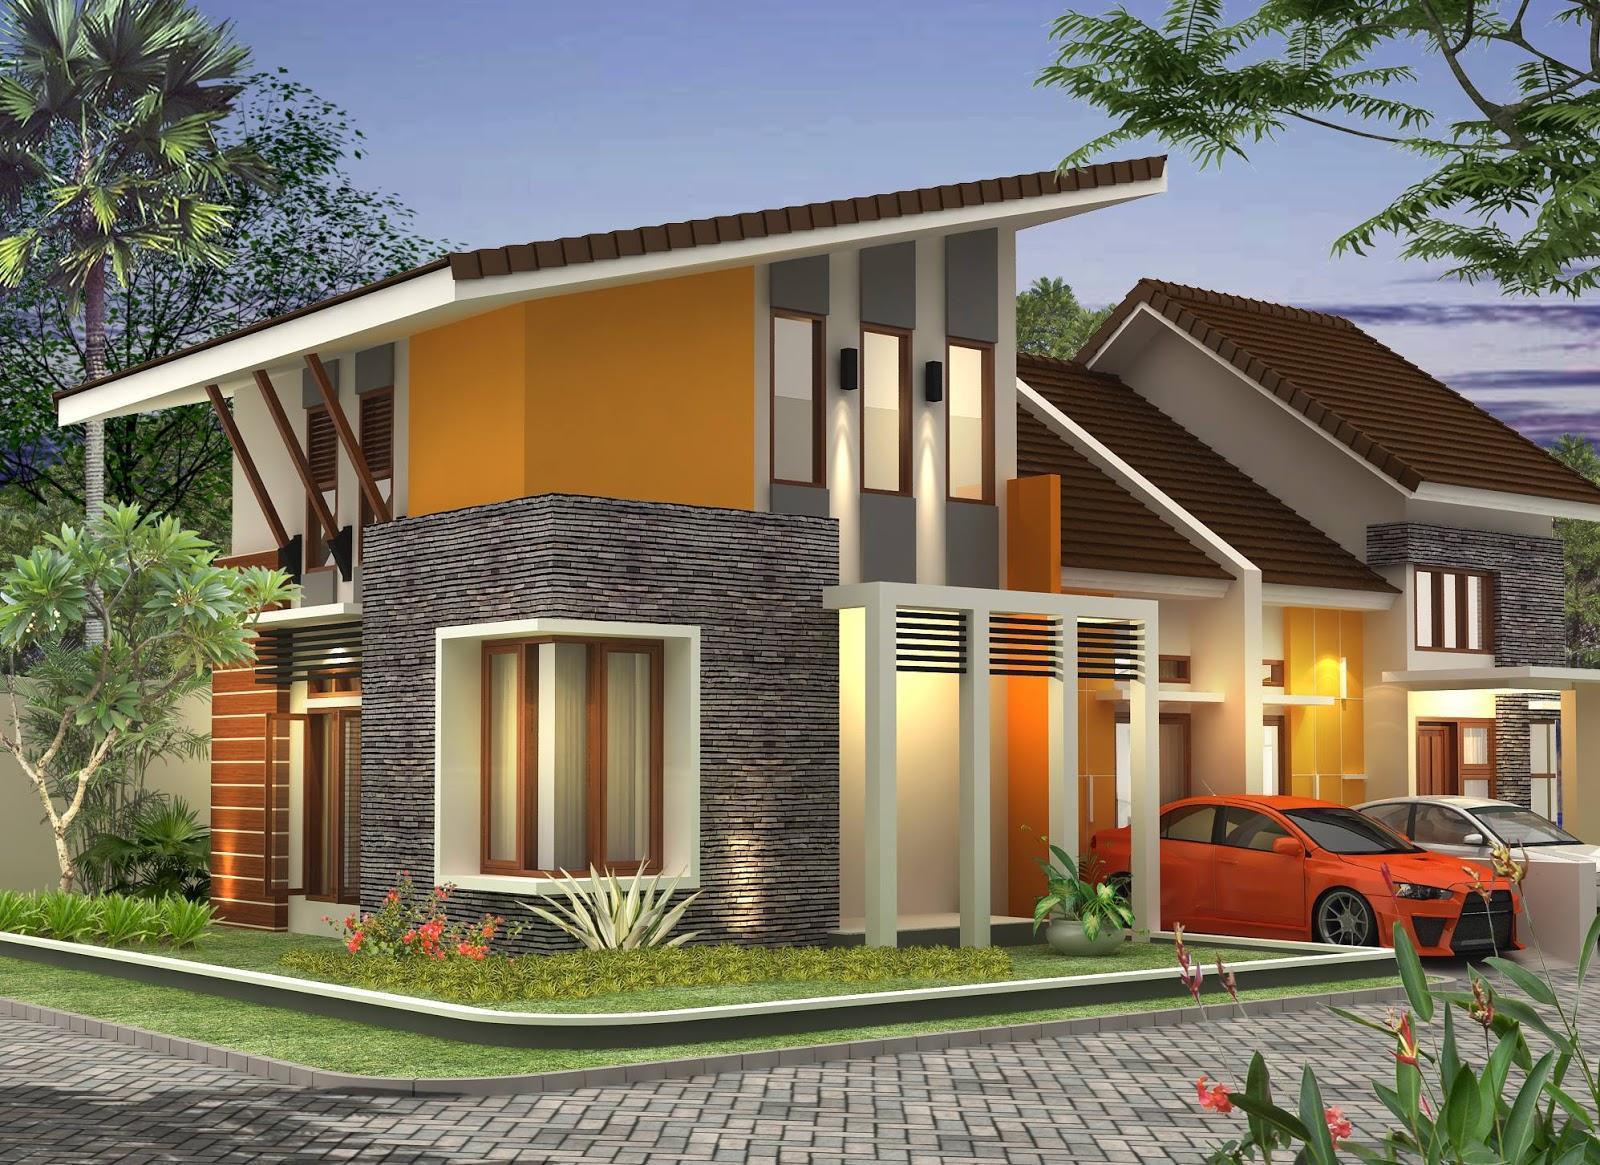 Desain Rumah Terbaru 2019 For Android APK Download